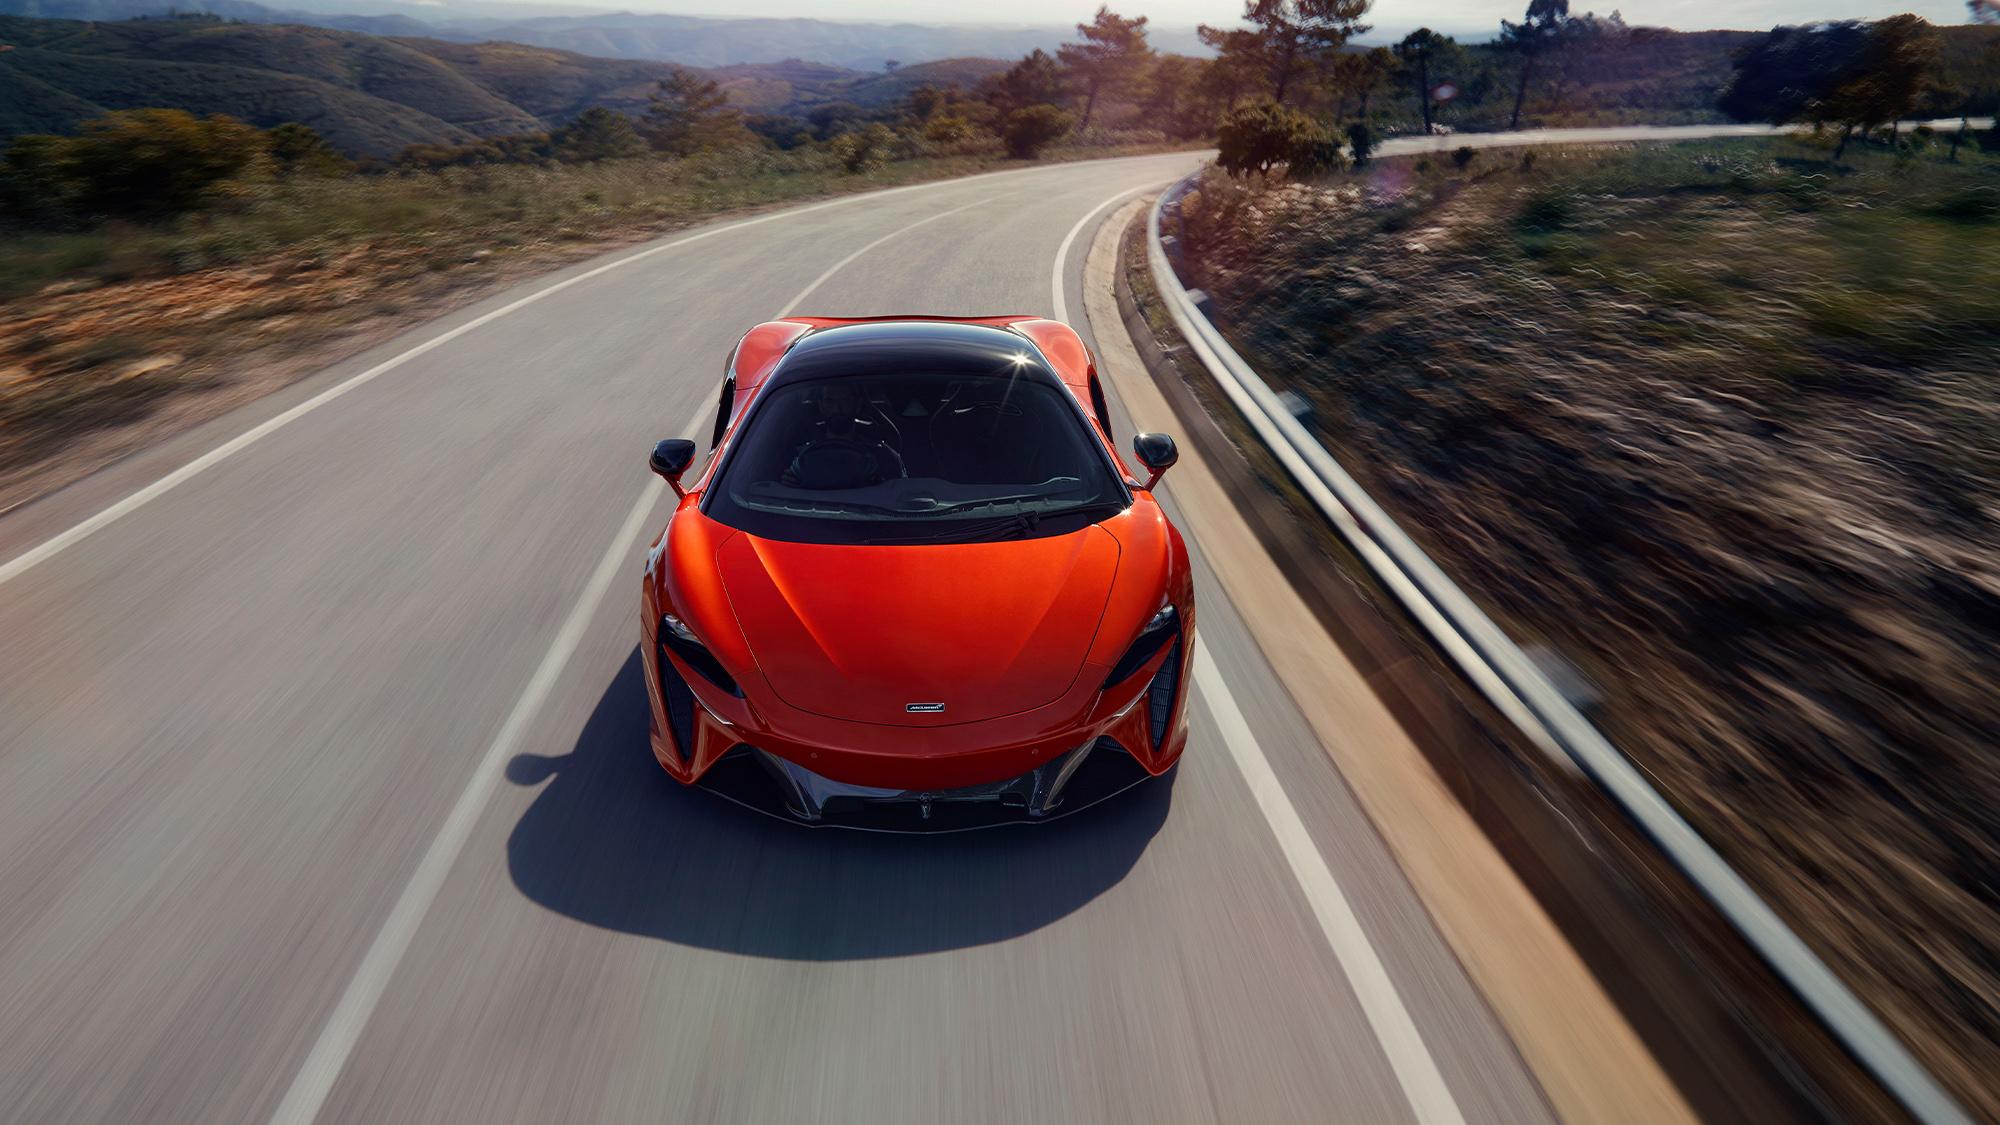 2021 McLaren Artura front overhead